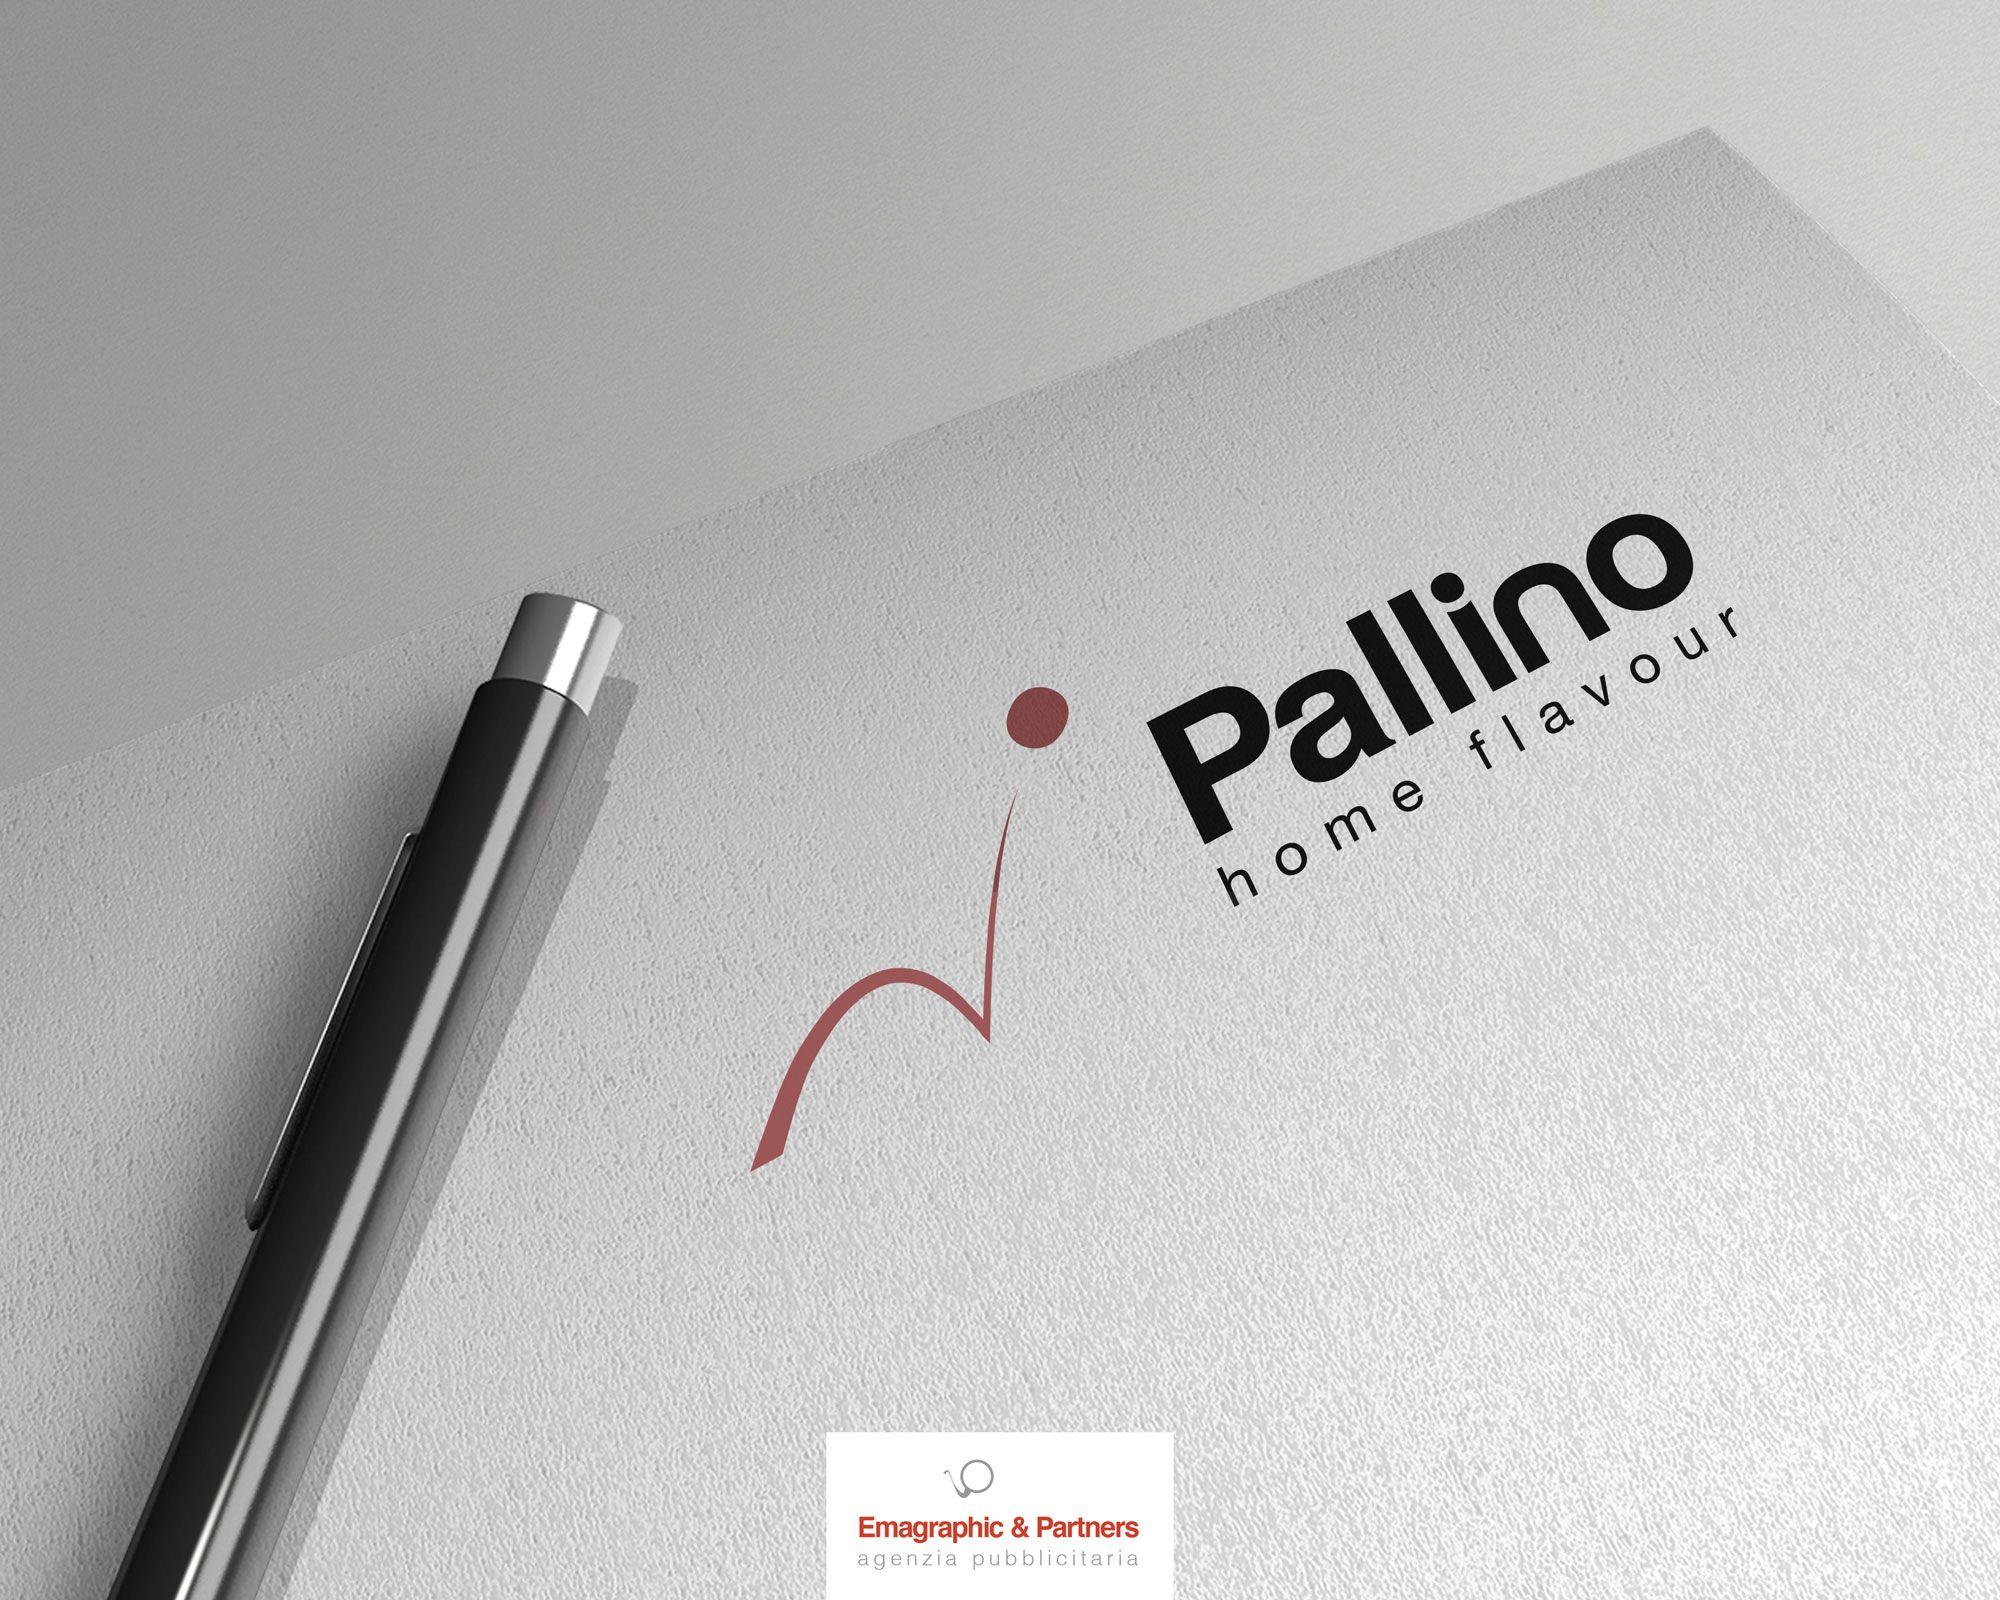 Pallino ideazione logo